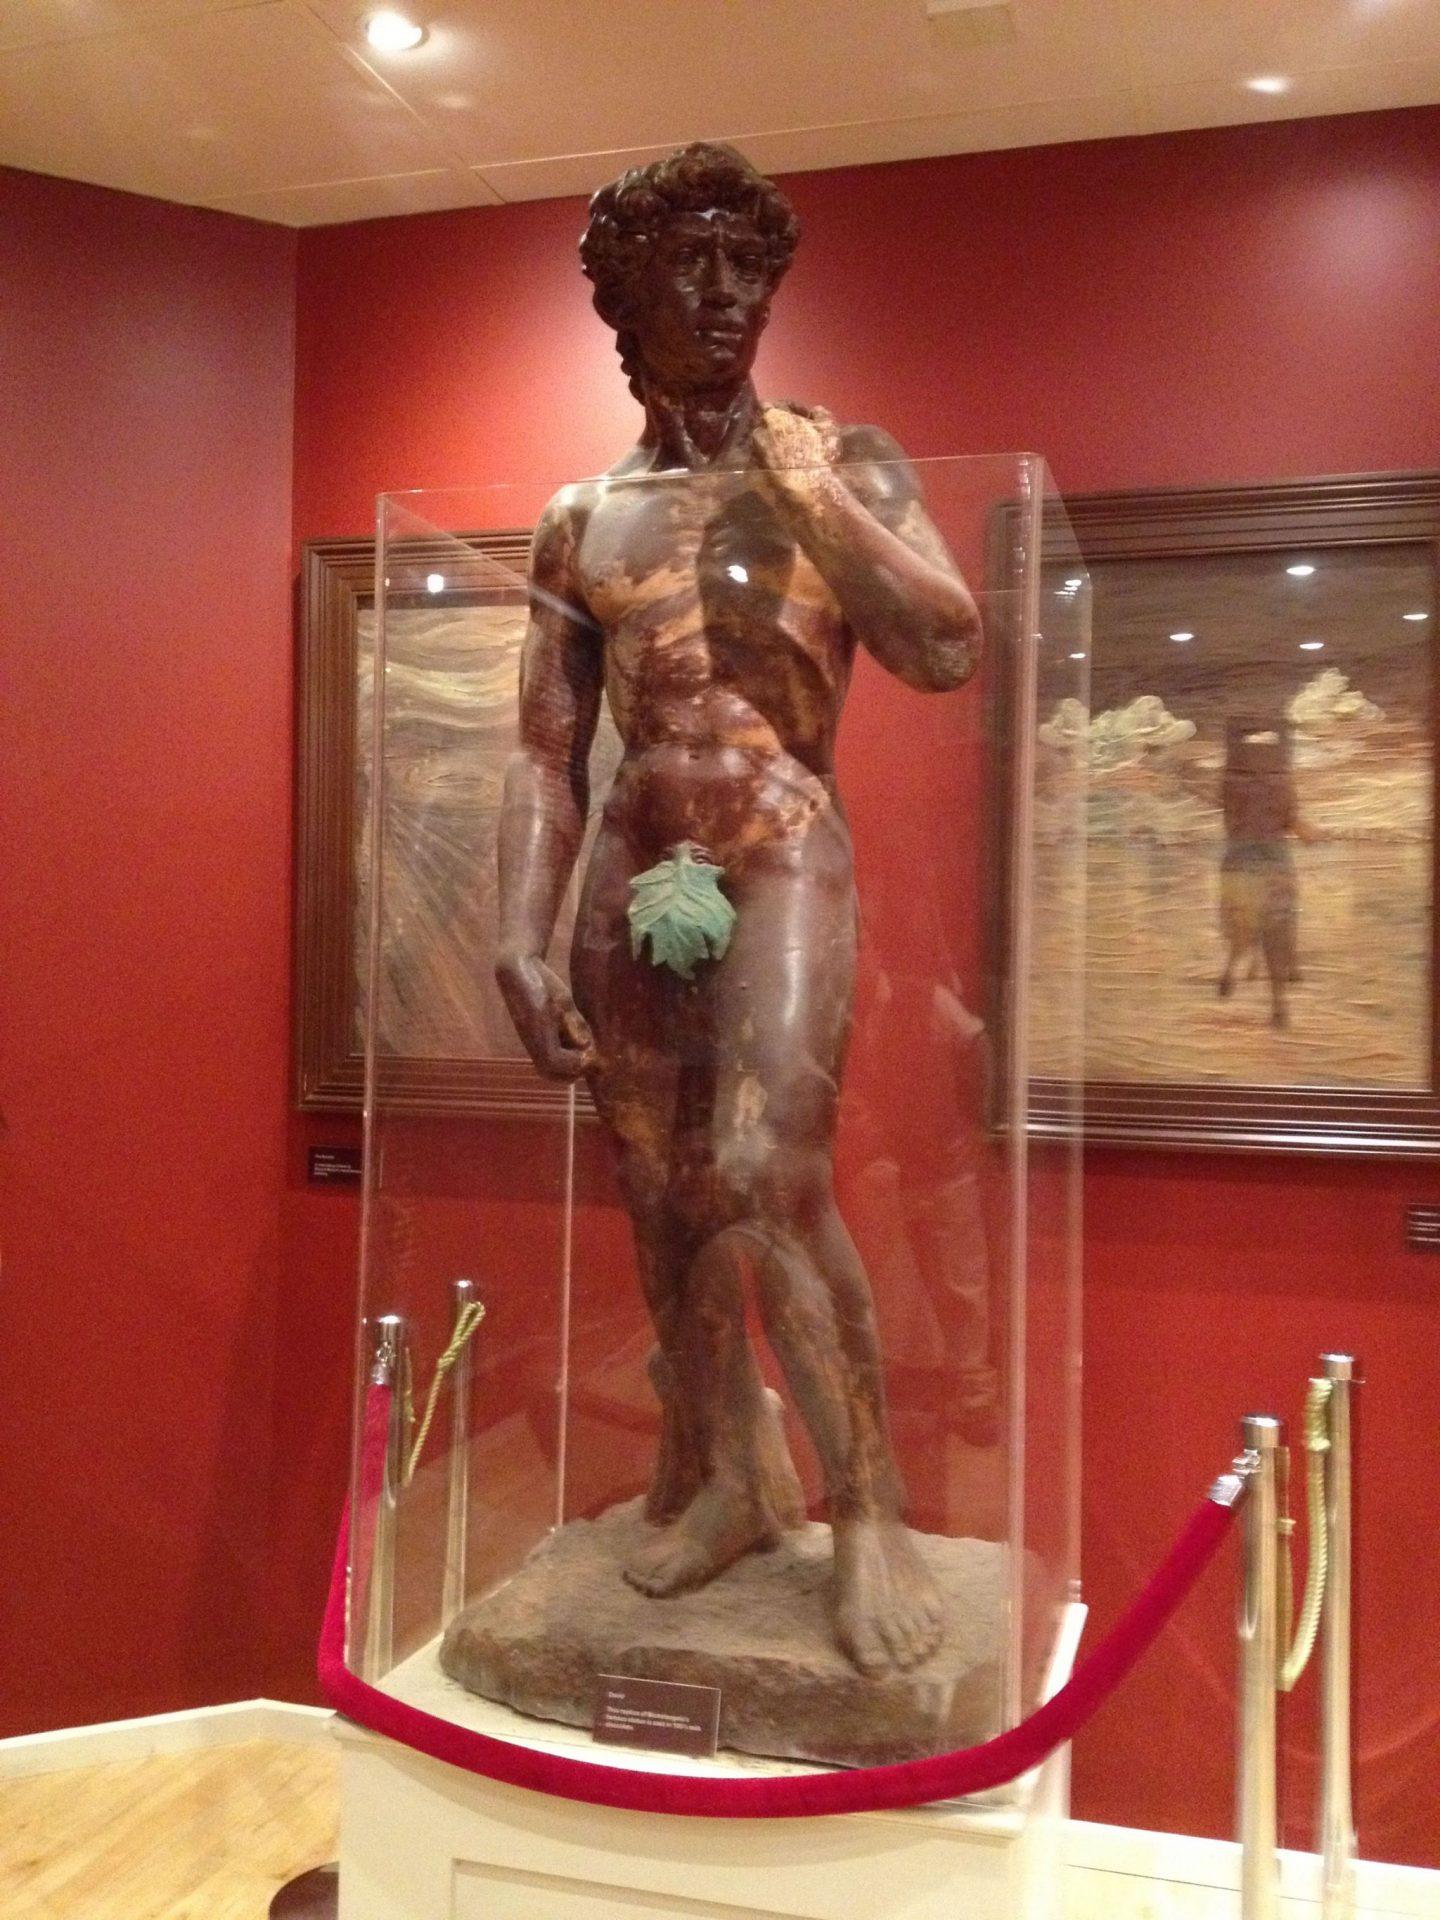 Da Vinci's David made from chocolate